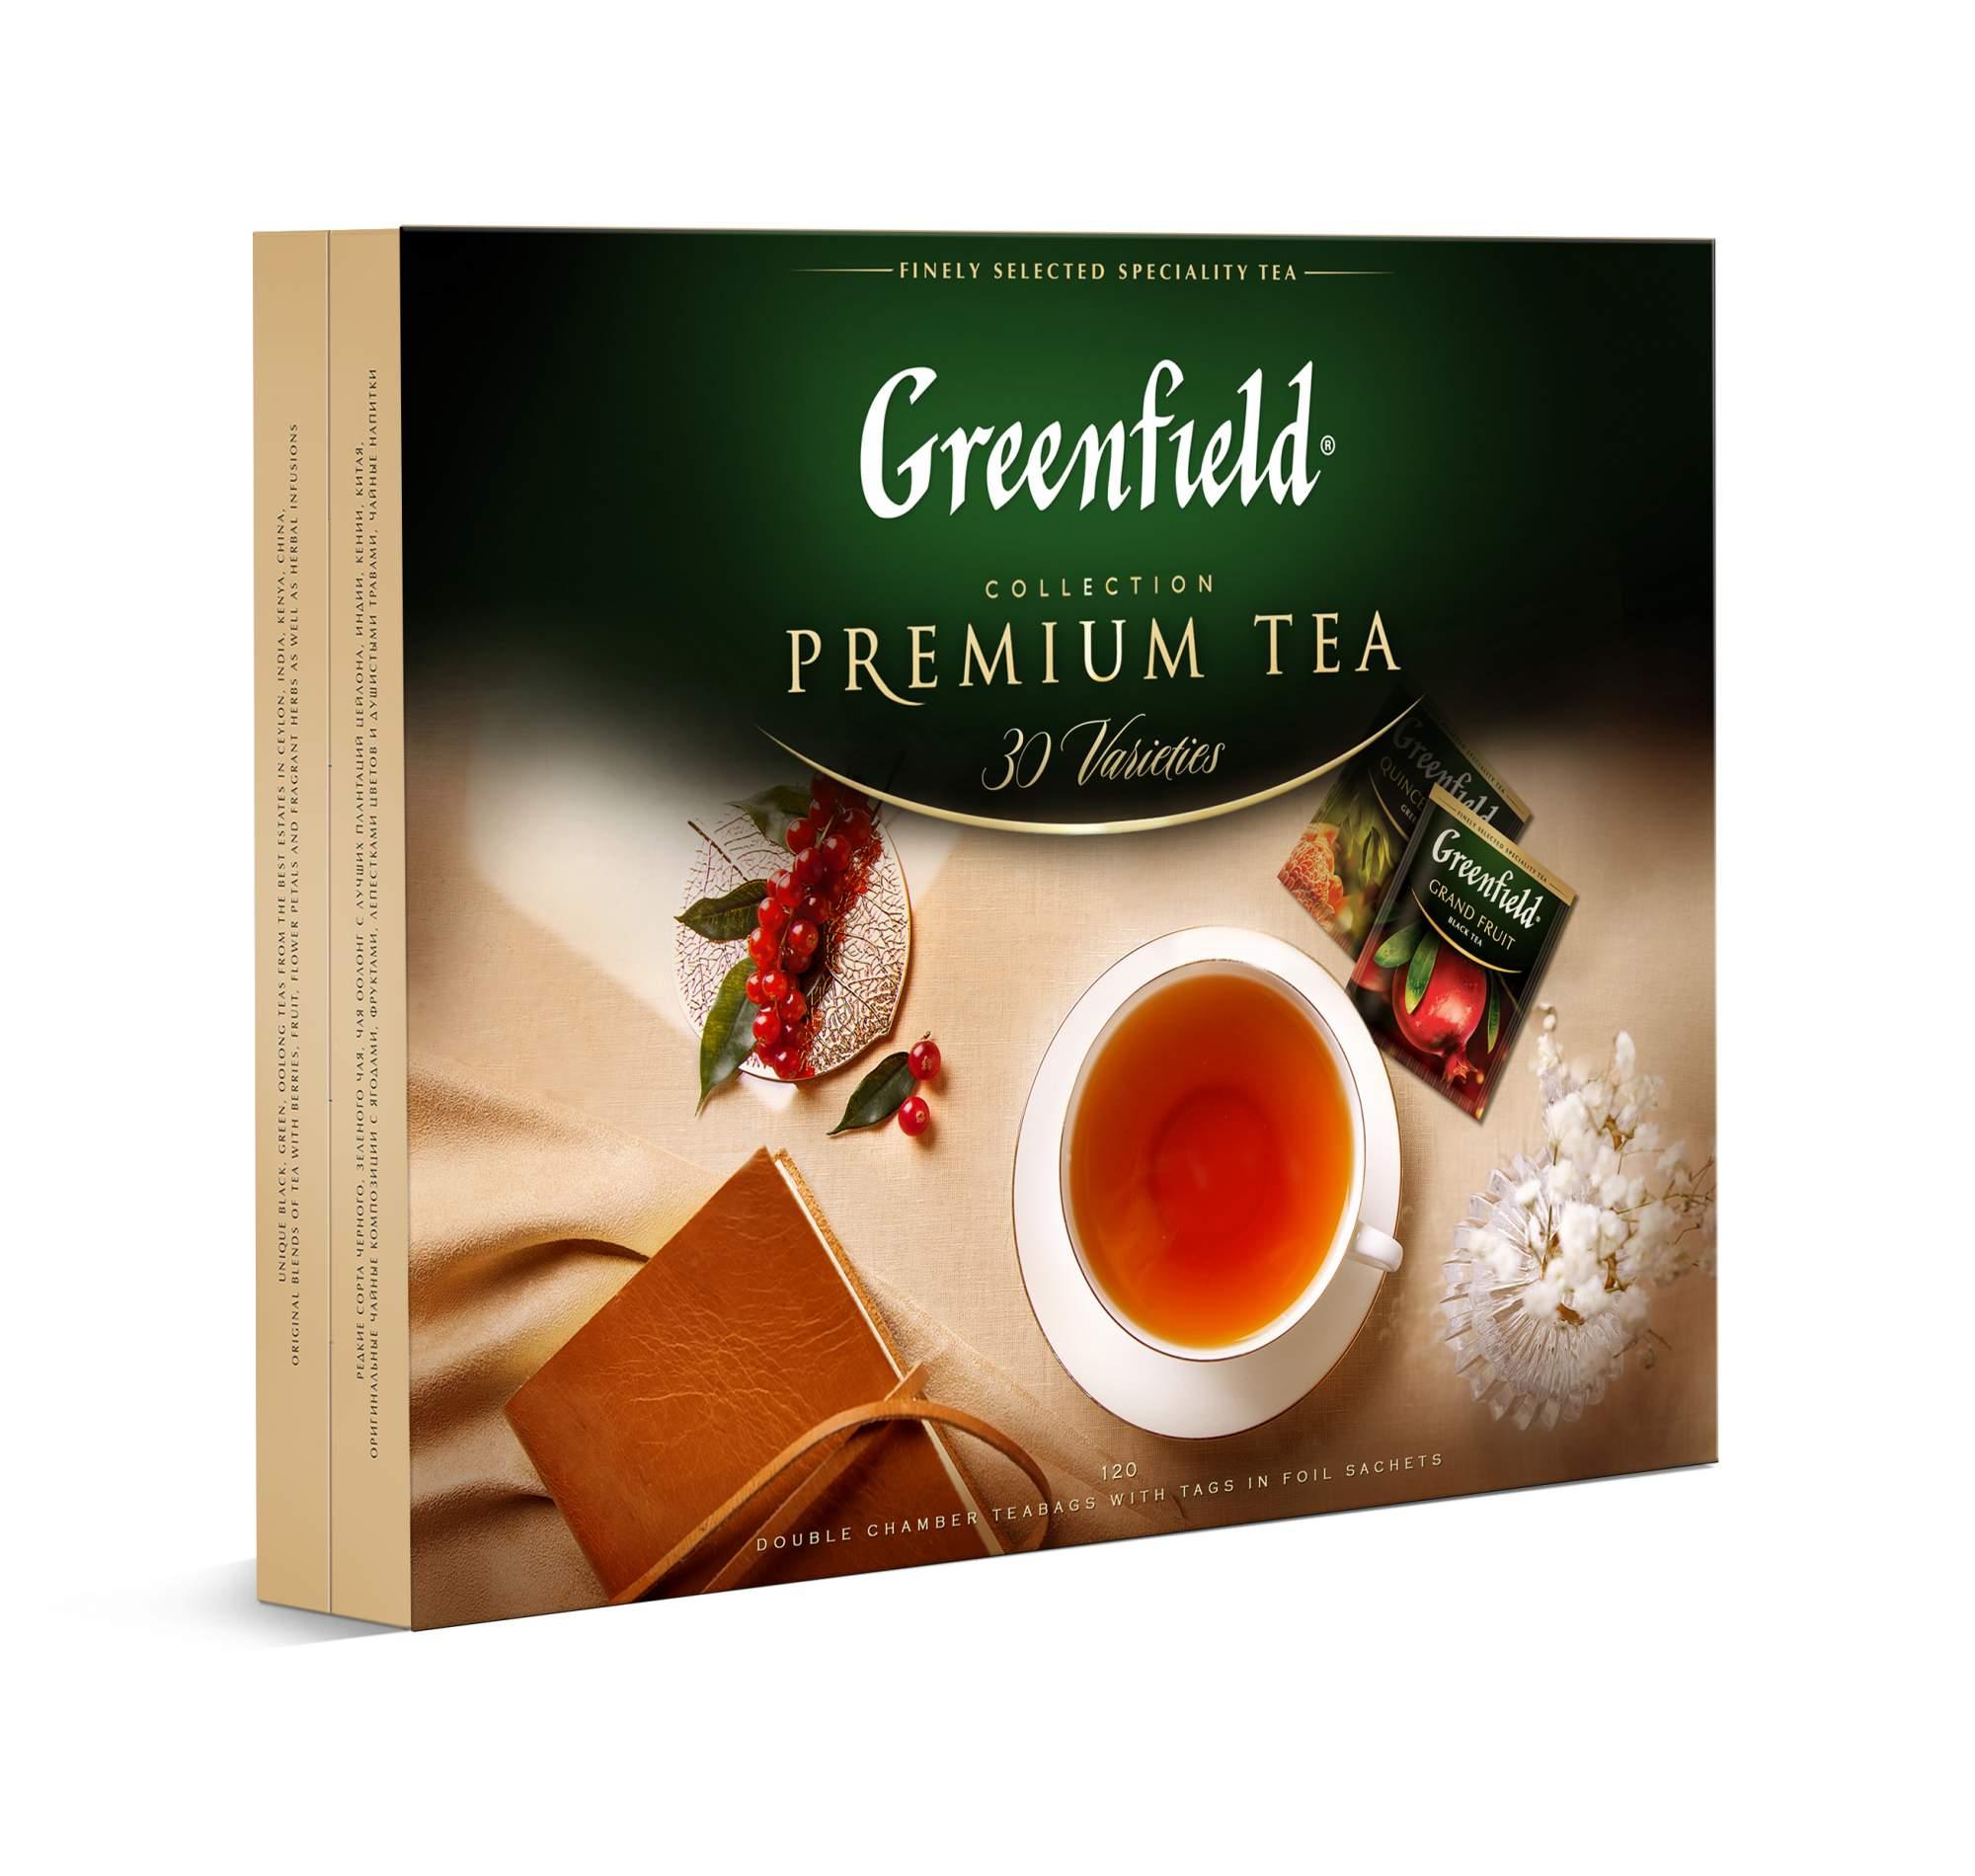 Миниатюра Набор чая и чайных напитков Greenfield Collection в пакетиках для чашки 30 видов 120 штук №4